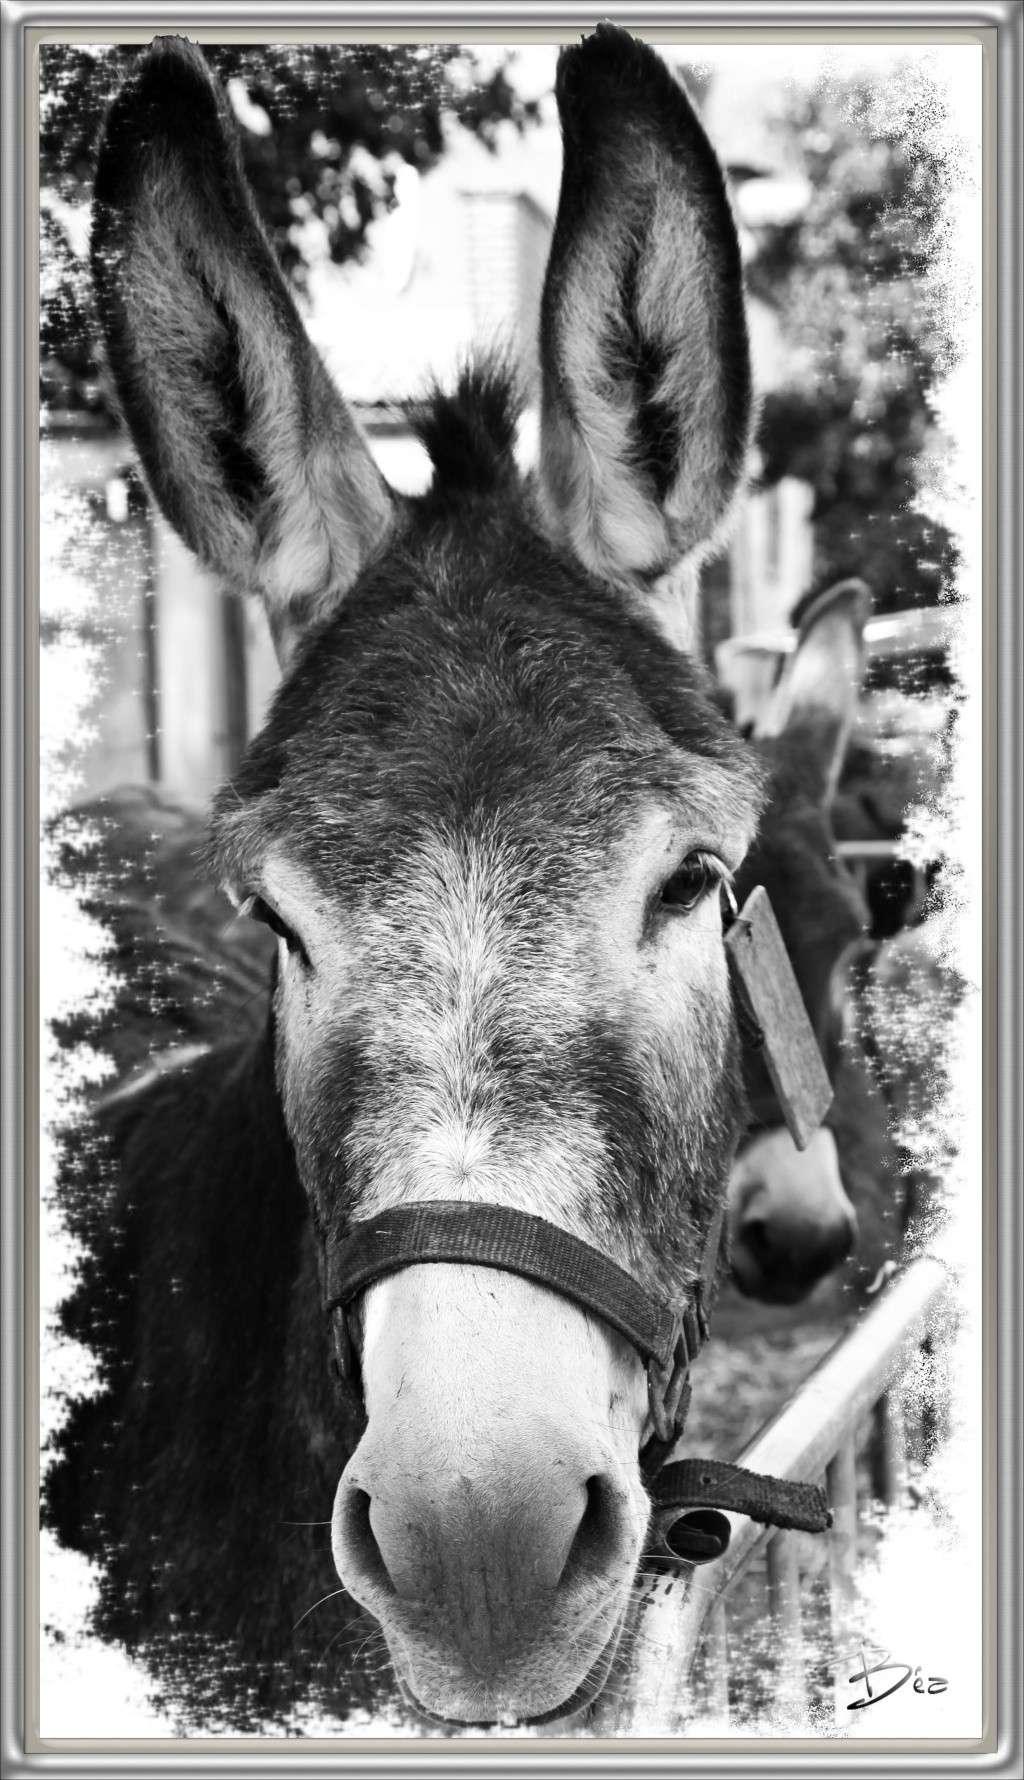 Fil sur les équidés (chevaux, ânes, mules) - Page 4 Img_7310